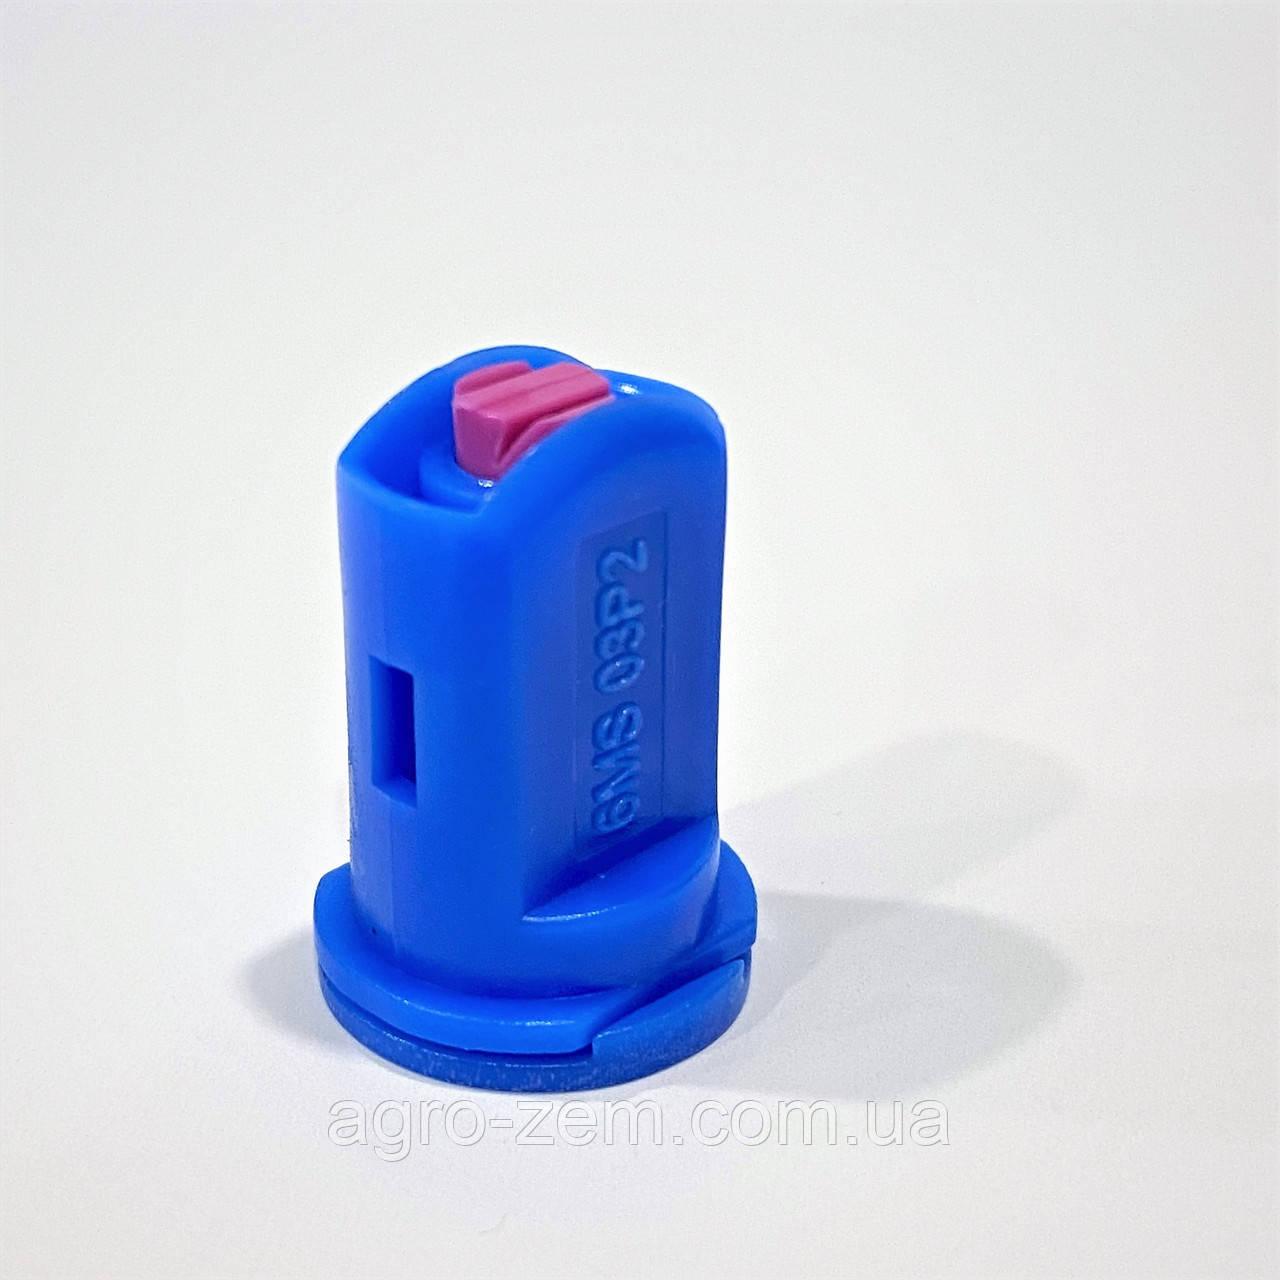 Распылитель инжекторный двухструйный синий 03 Agroplast 6MS03P2 |226938|